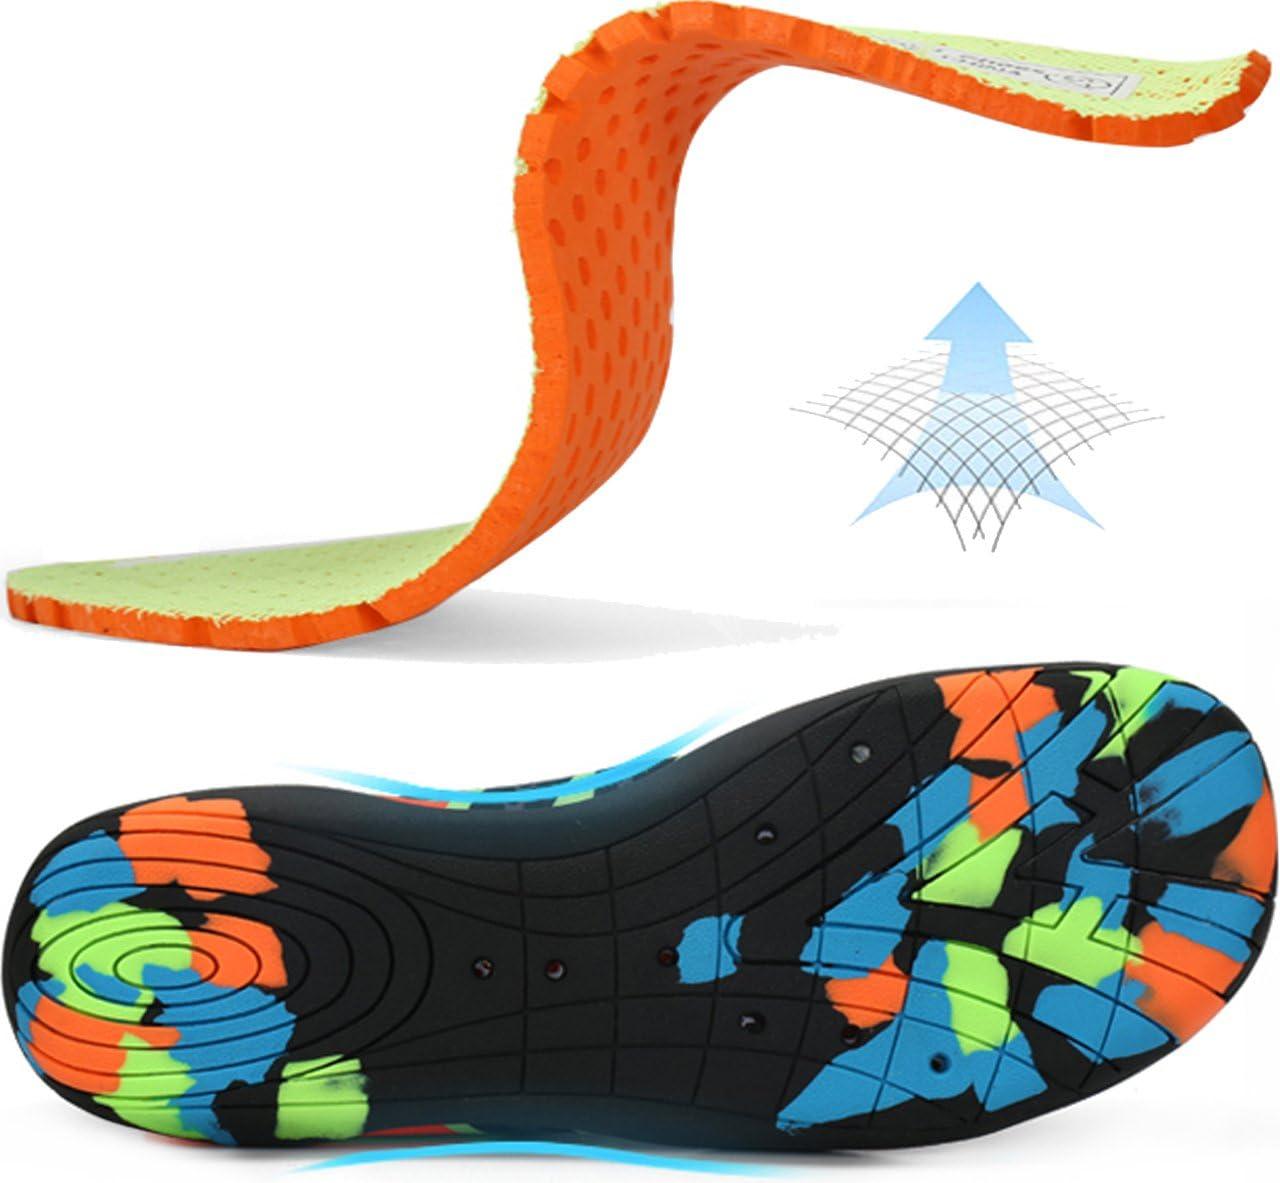 Blue 44 Gaatpot Badeschuhe Damen Herren Strand Aquaschuhe Wasserschuhe Surfschuhe rutschfest Strandschuhe Schwimmschuhe Sommer Aqua Schuhe Blau